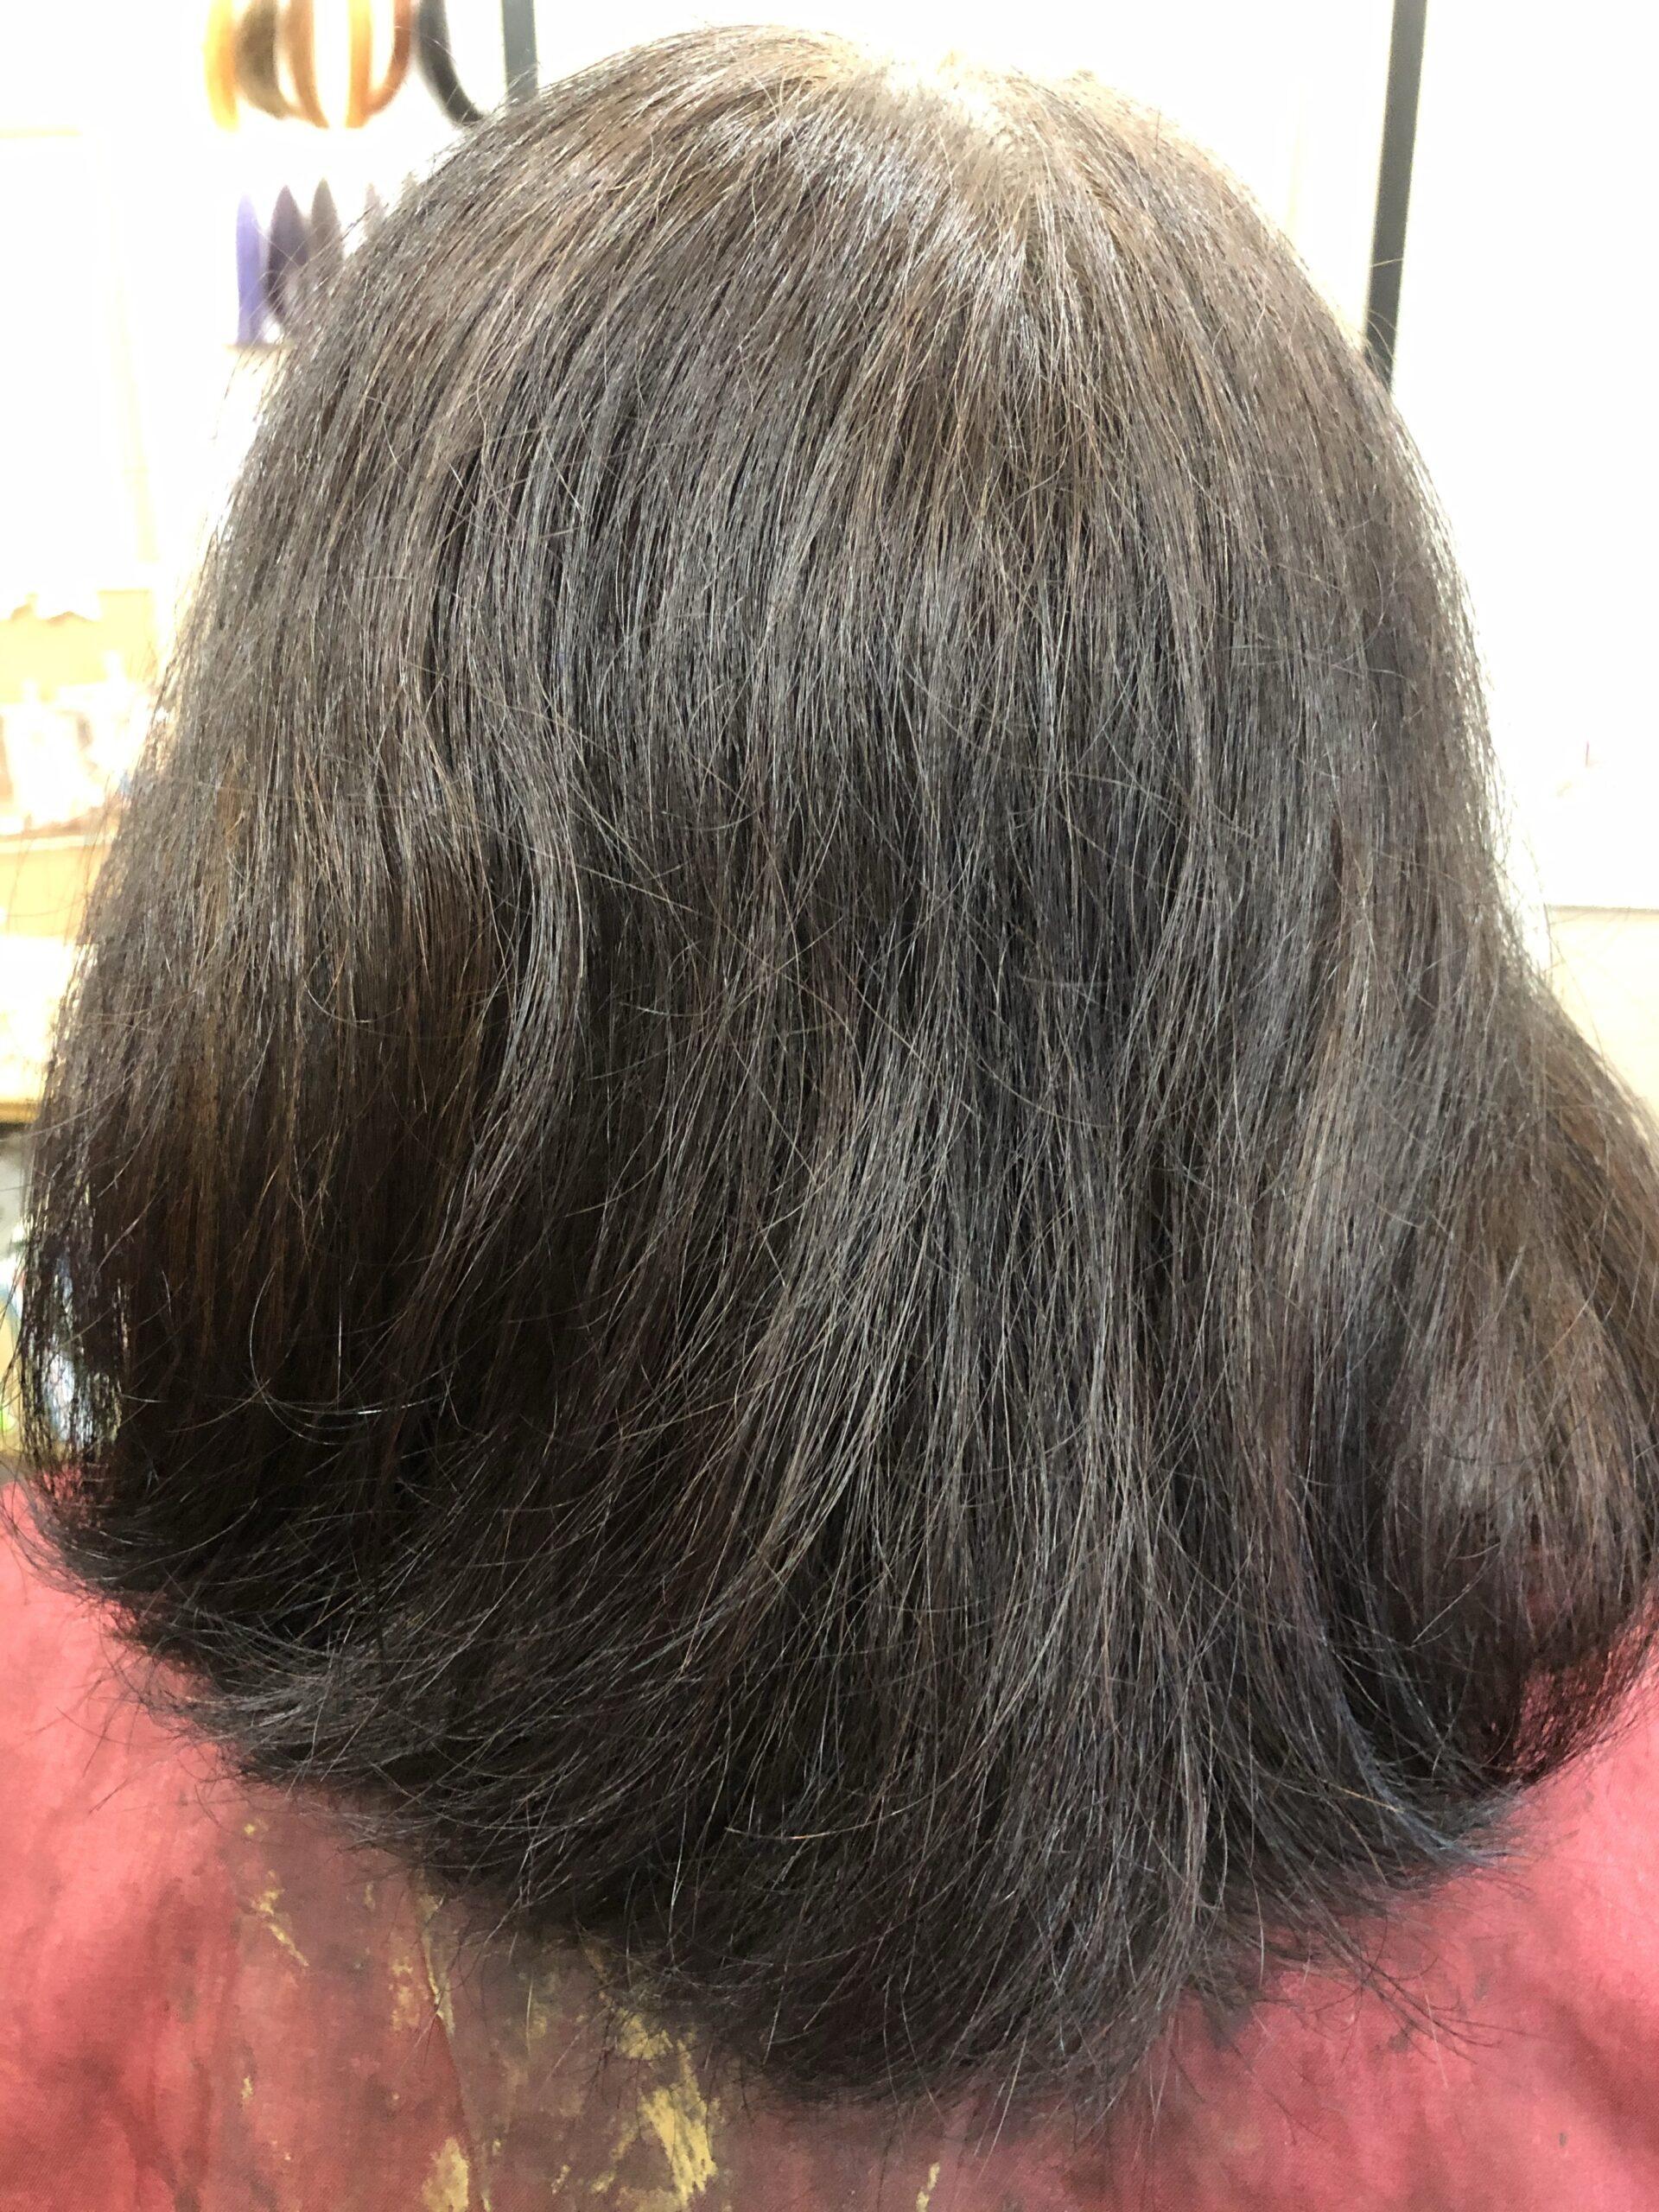 ハナヘナで白髪染めをするとどうなるか